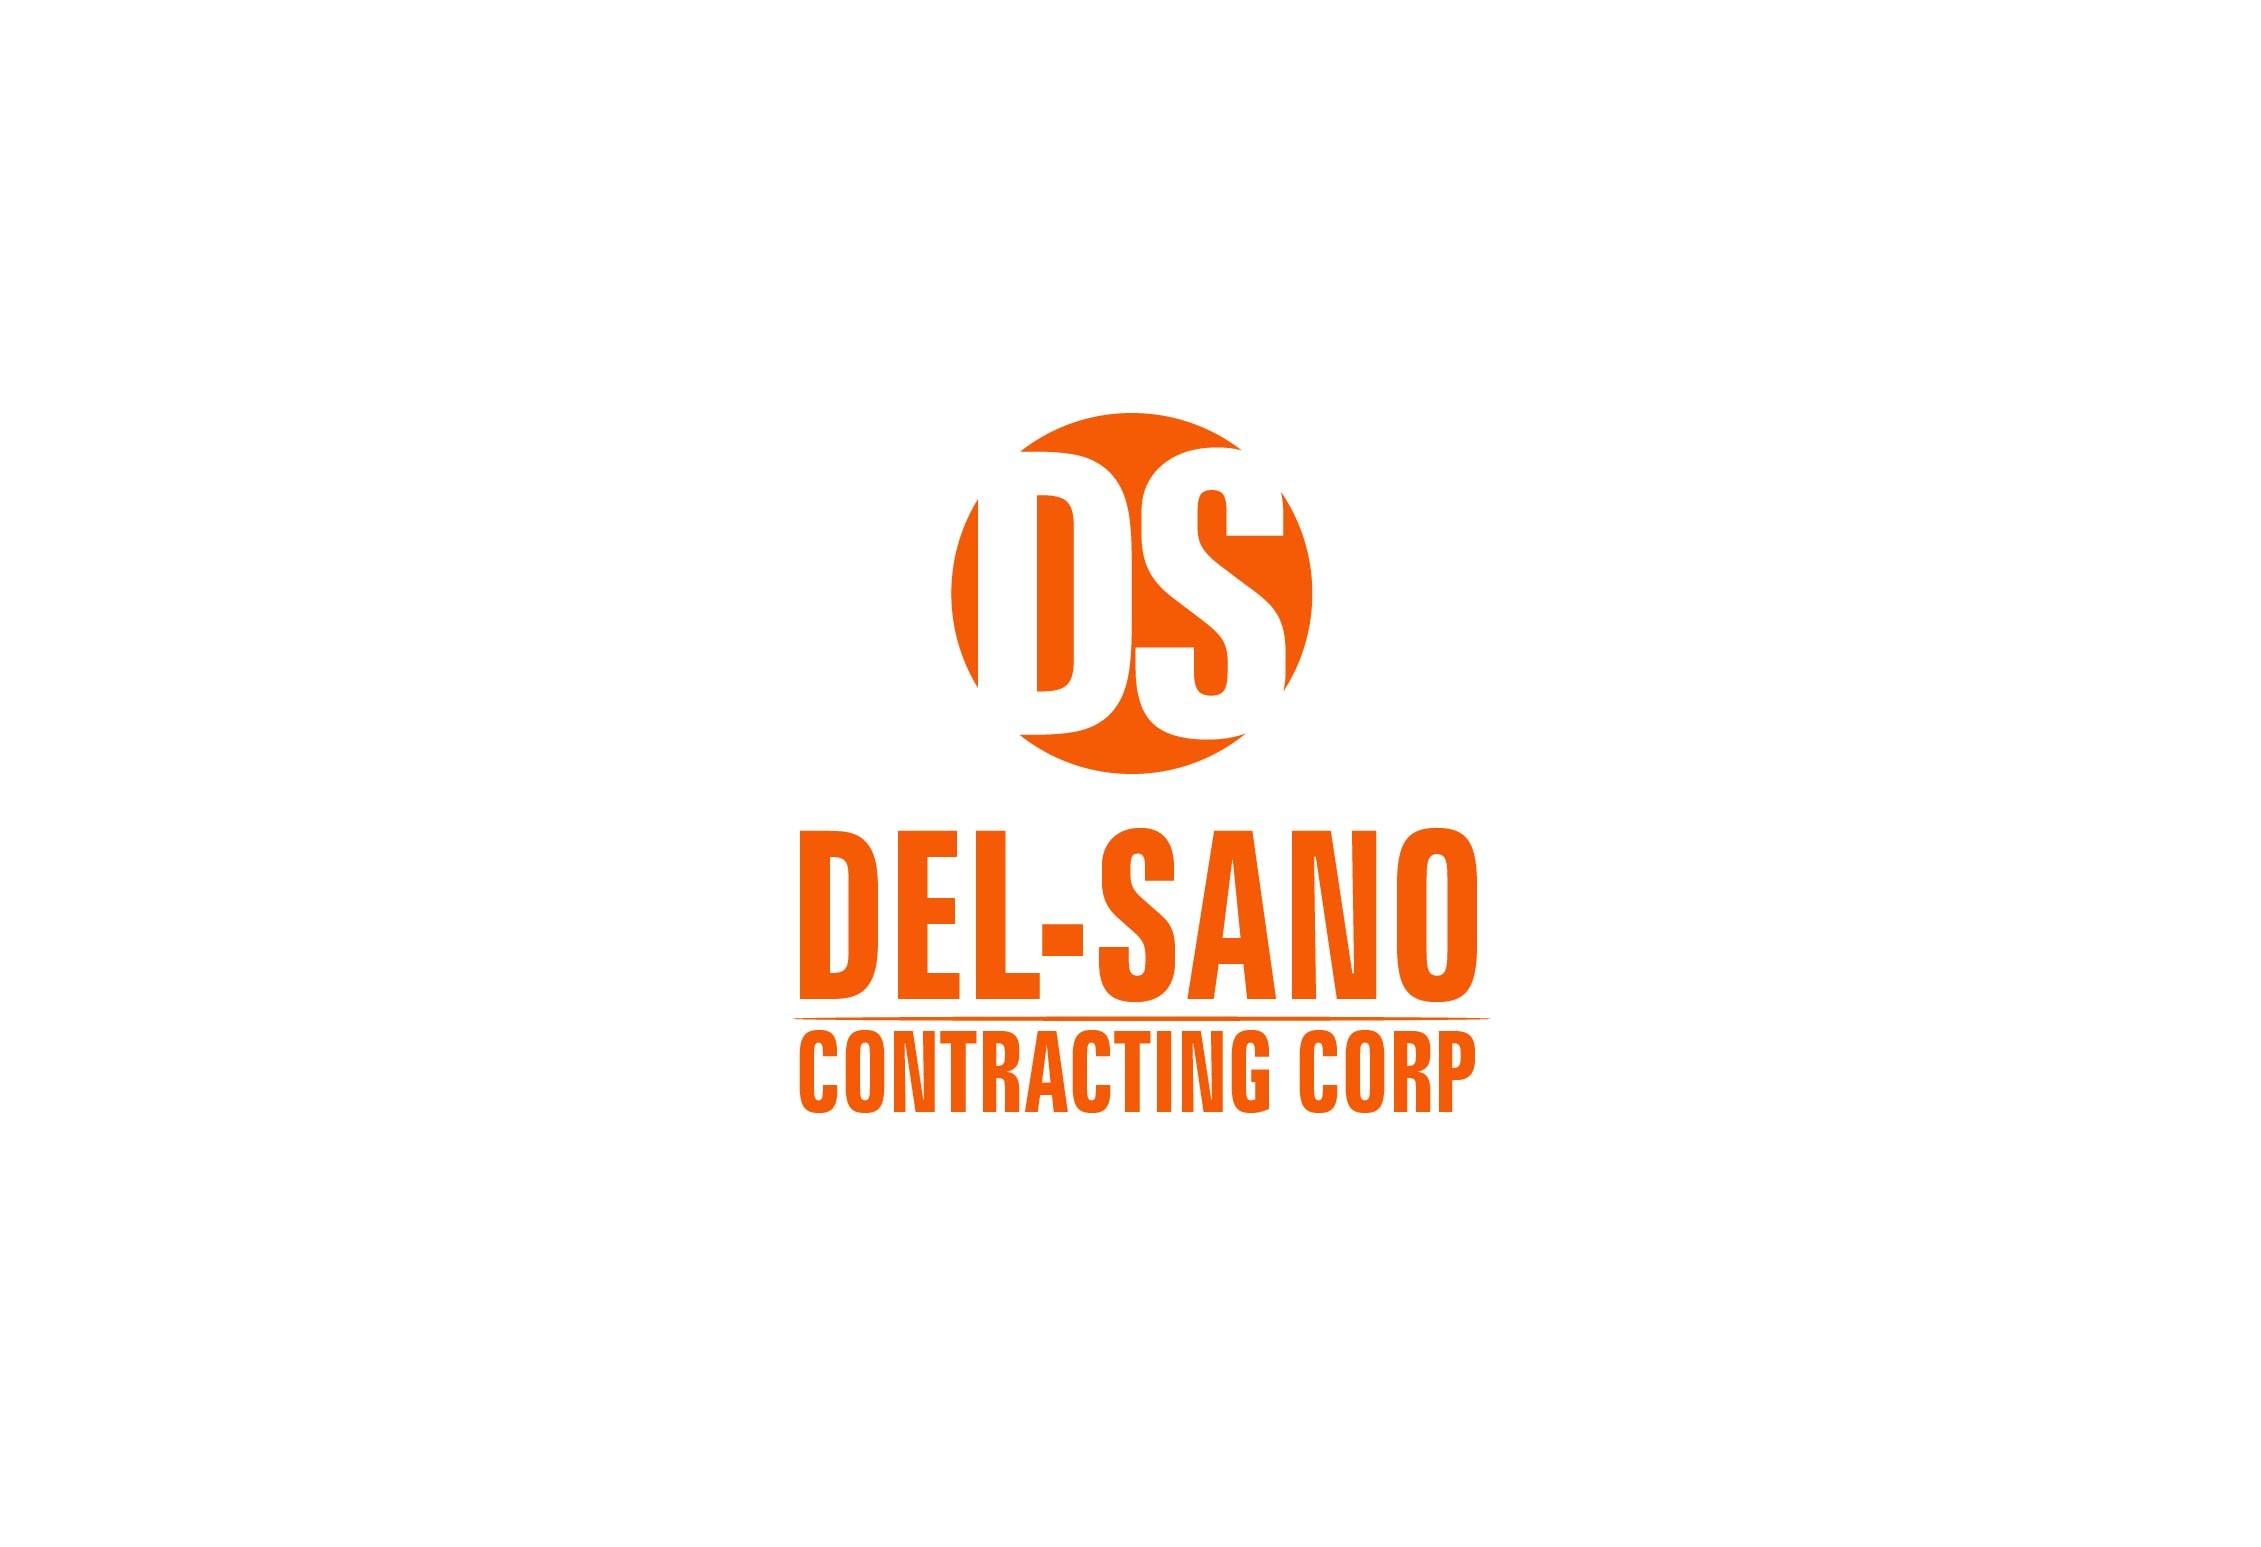 Del-Sano Contracting Corp | LinkedIn